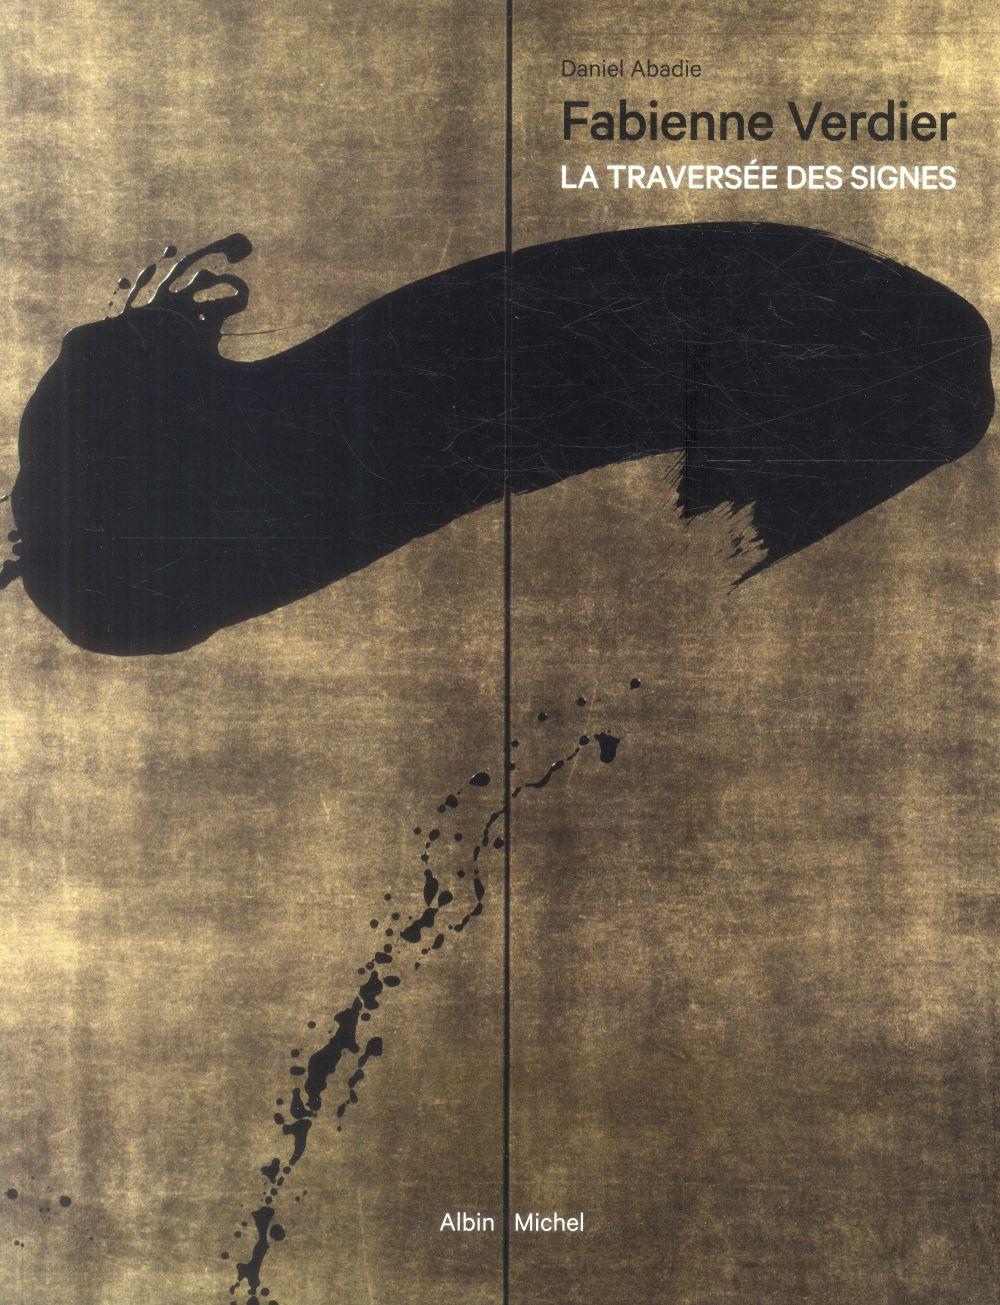 FABIENNE VERDIER - LA TRAVERSEE DES SIGNES